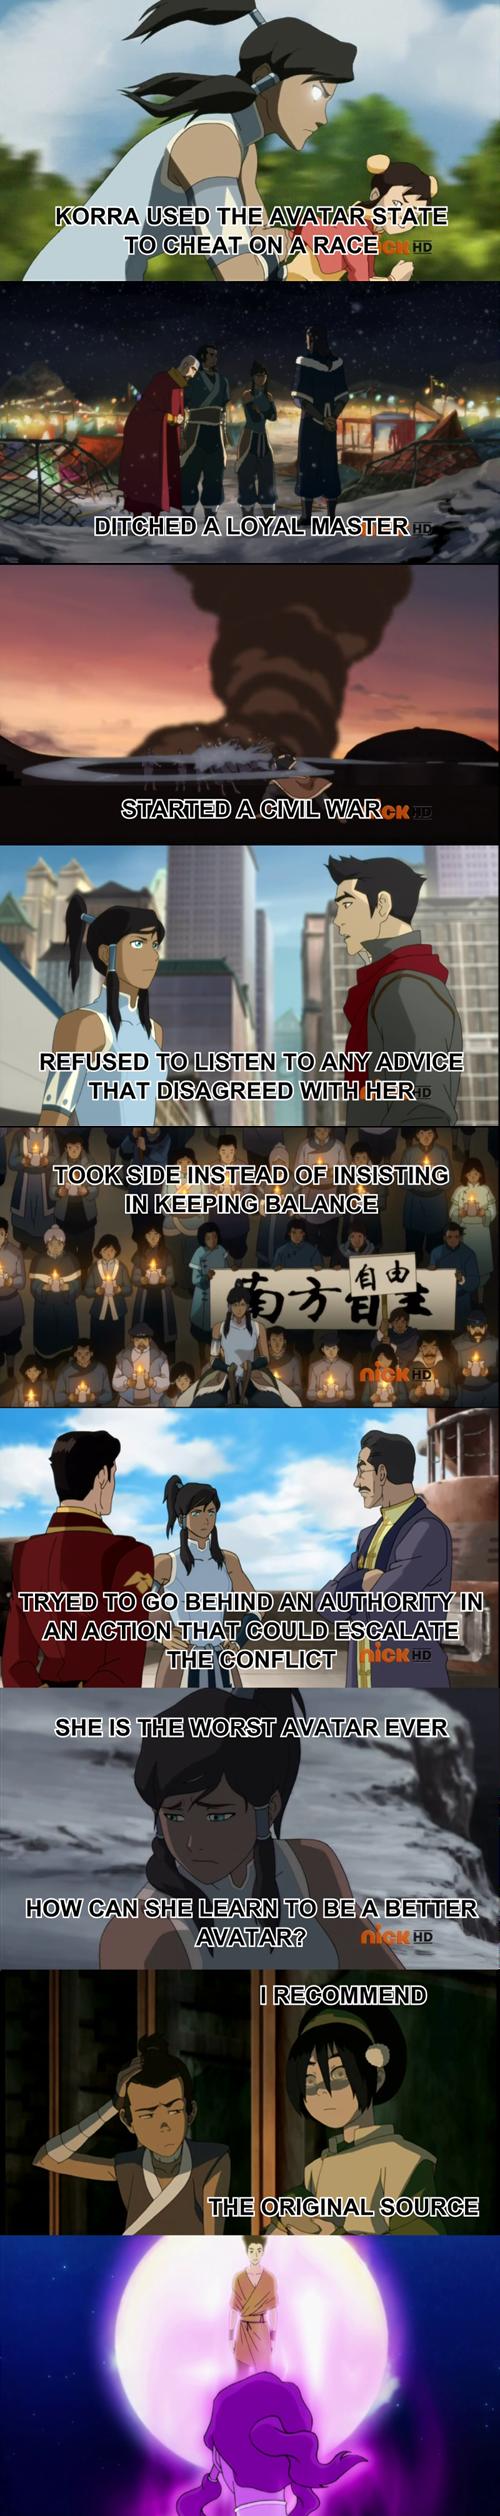 wan cartoons Avatar korra - 7874444032